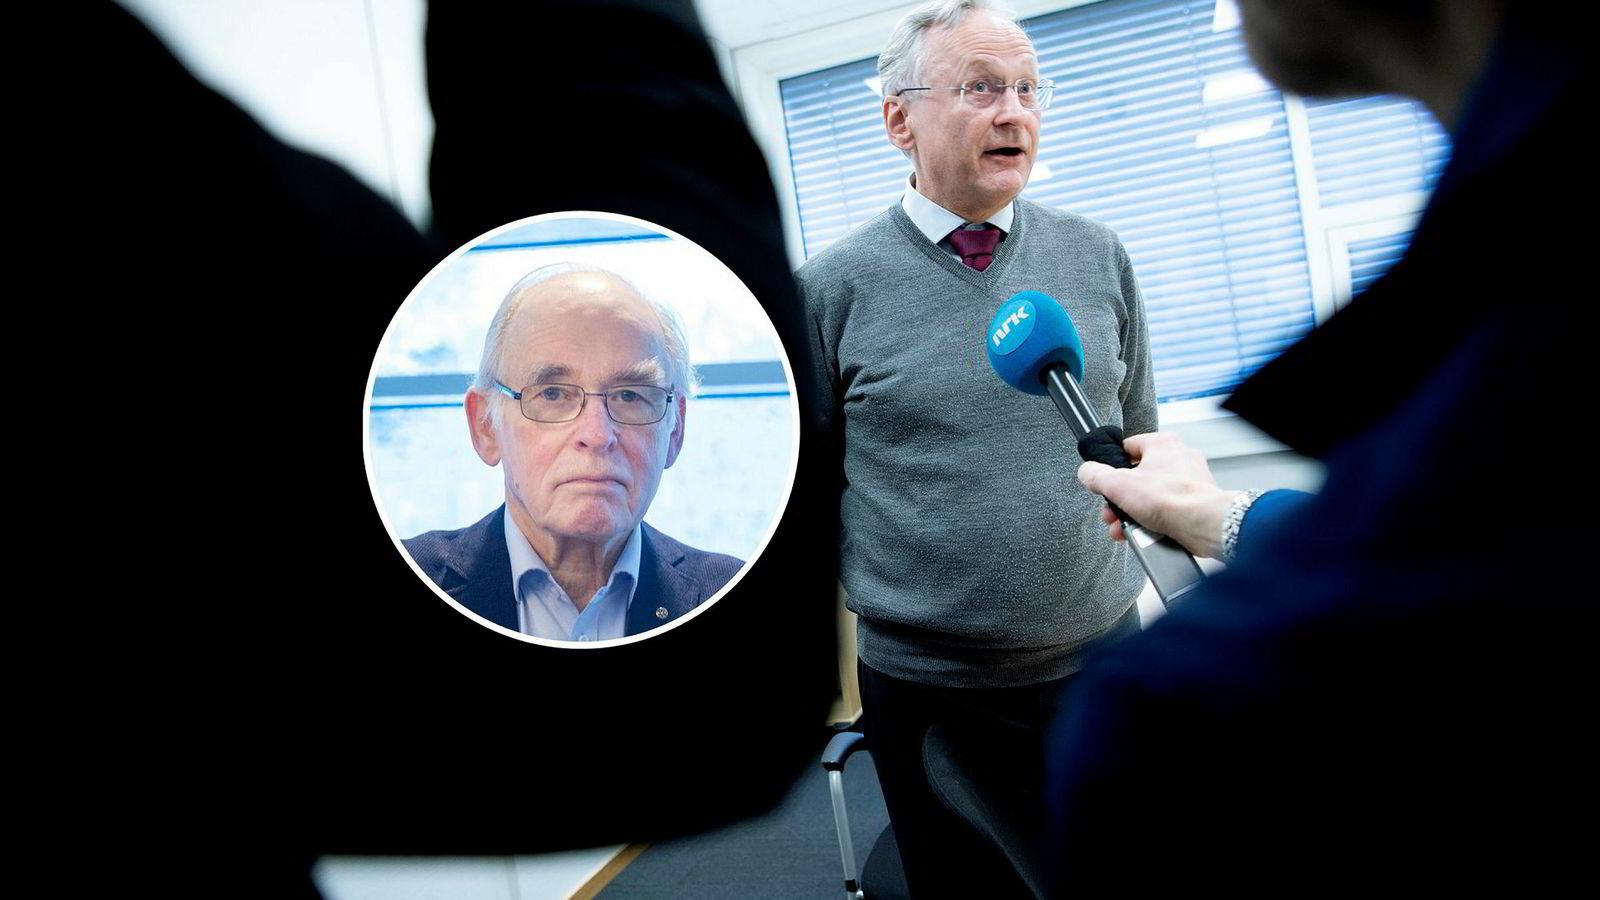 Helse Sør-Østs styreleder Svein Gjedrem får flengende kritikk fra kvalitetssikringsekspert Eilif Holte (innfelt).